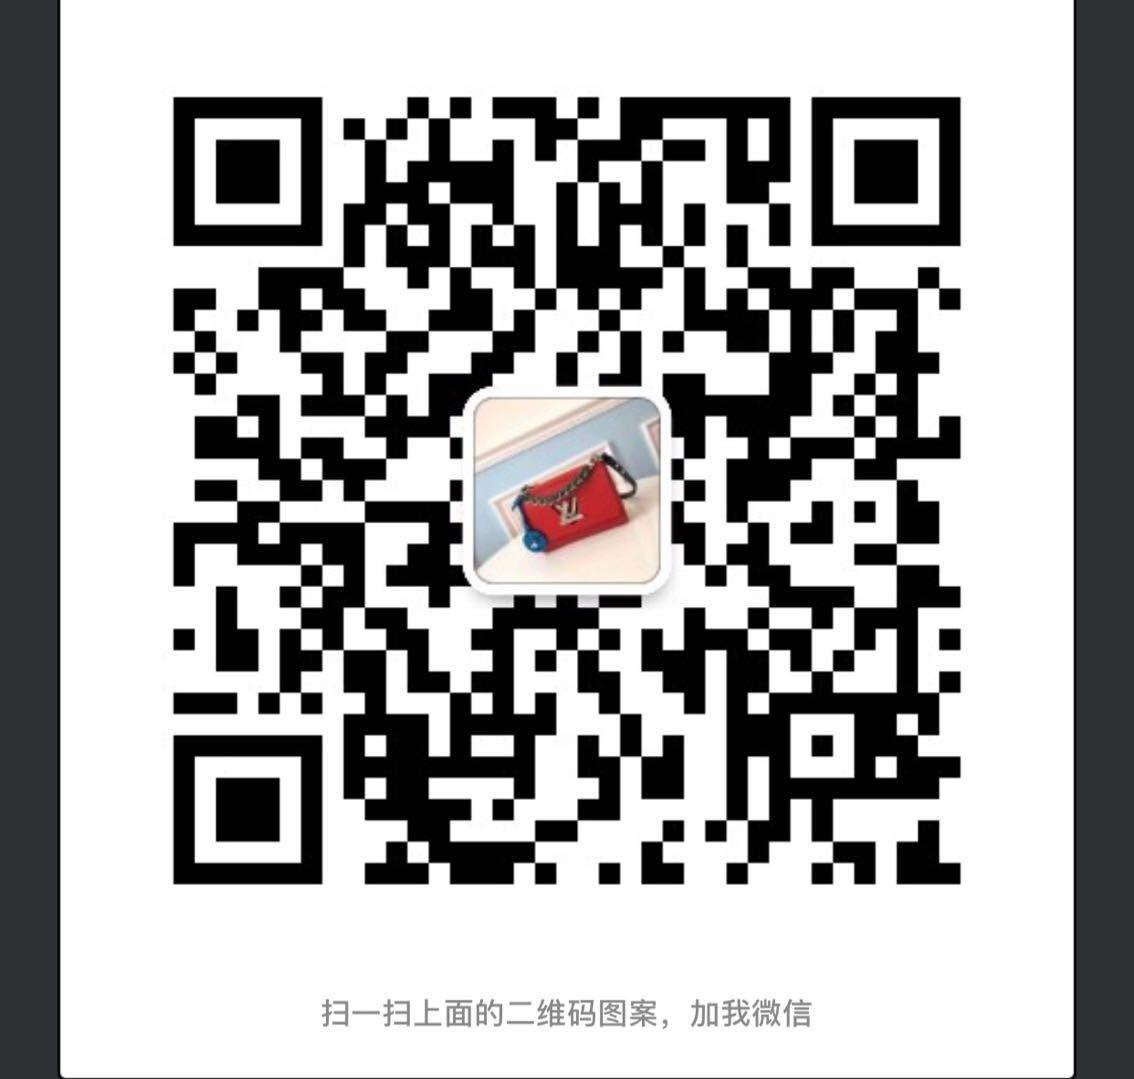 润鑫皮具主营高端原单奢侈品包包工厂直销价格便宜